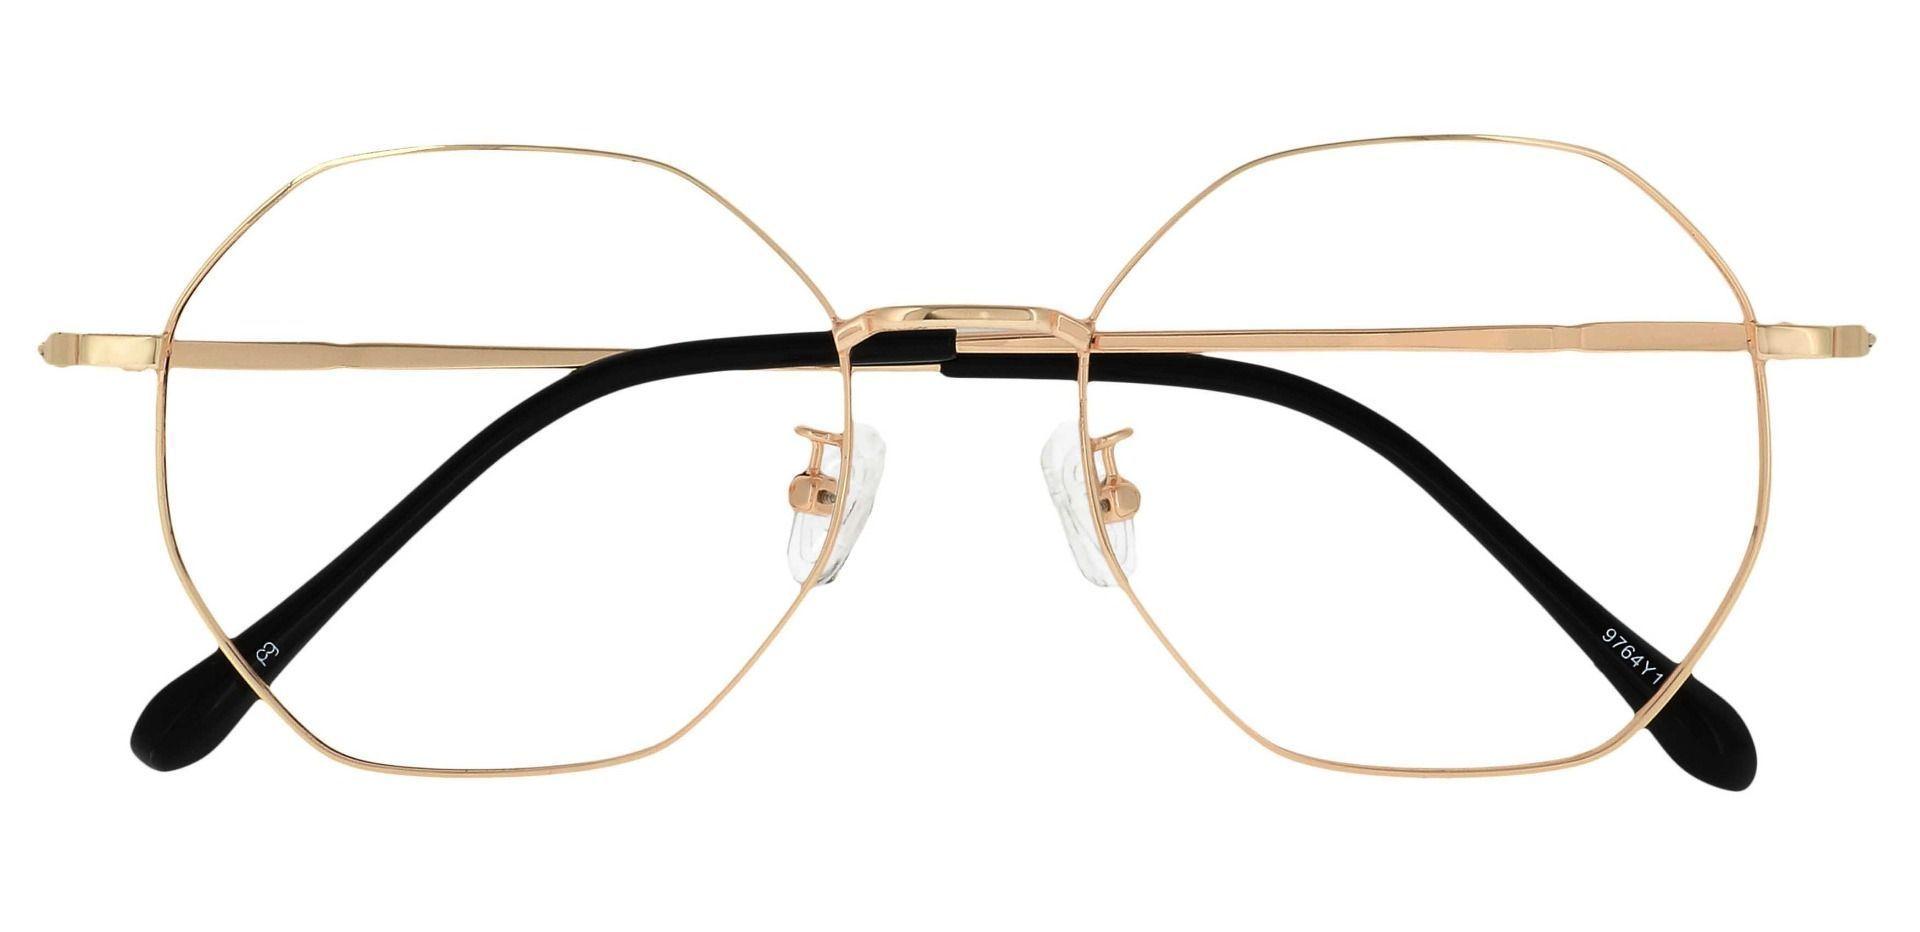 Andover Geometric Prescription Glasses - Yellow